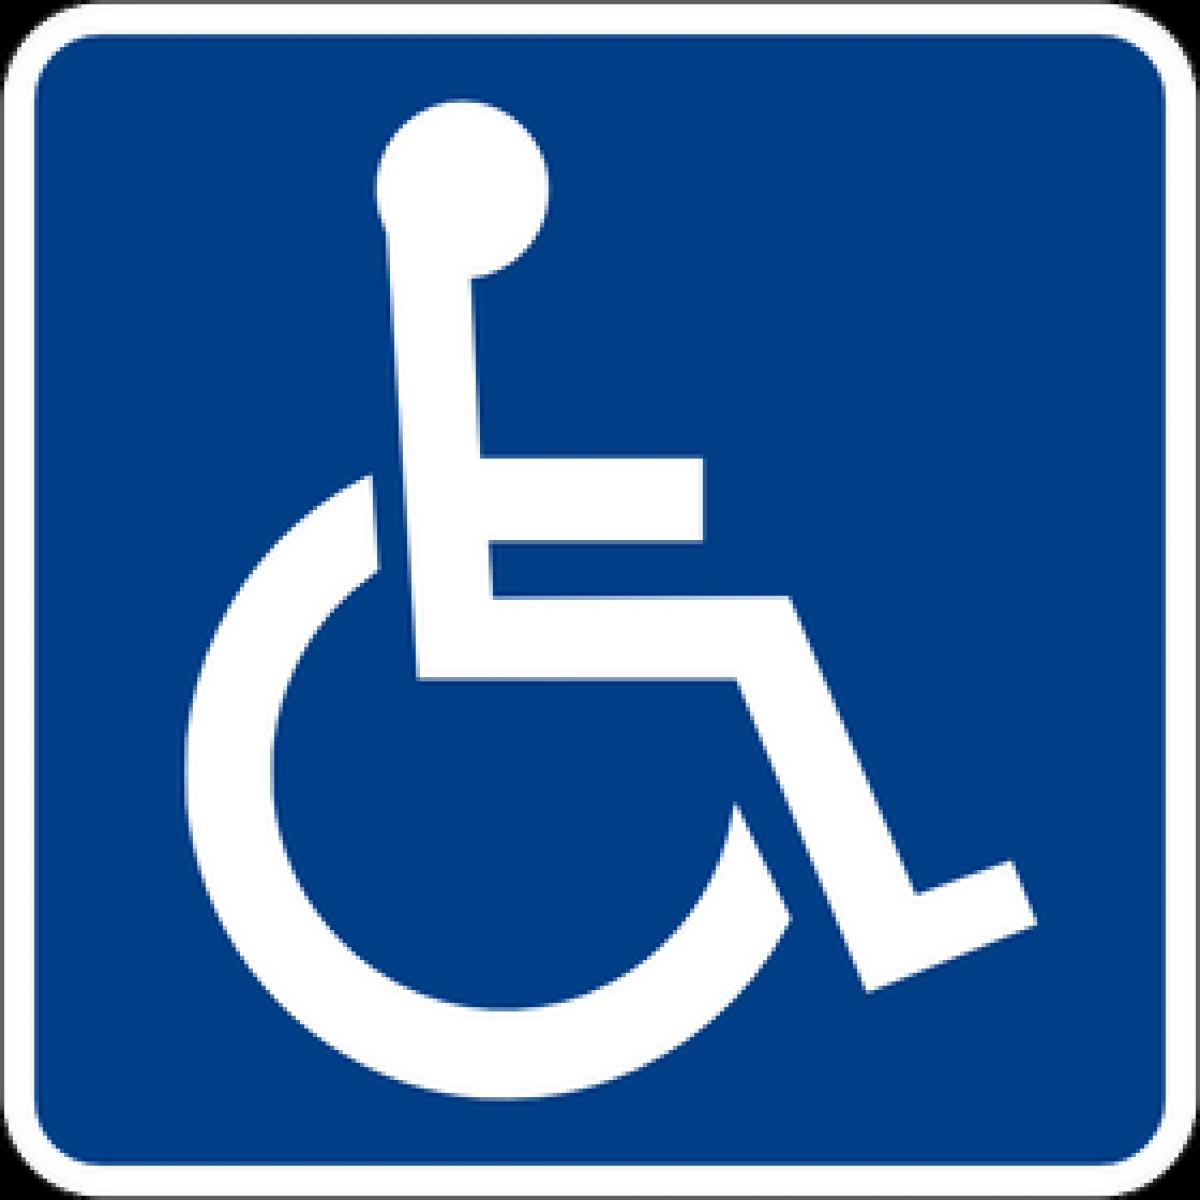 Hotel accueillant les personnes à mobilité réduite